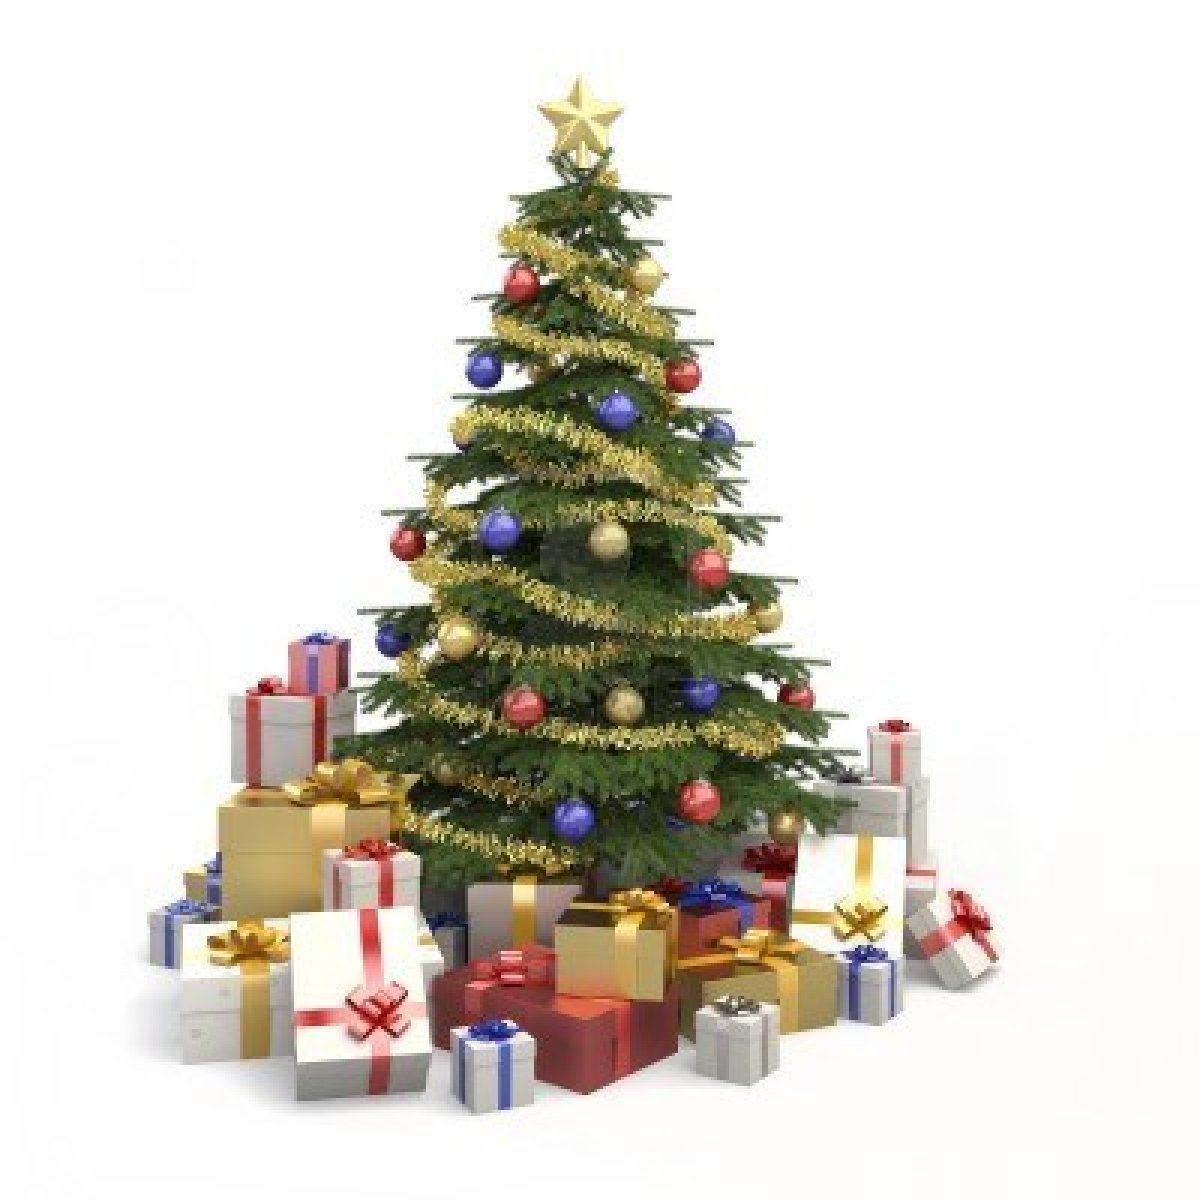 7882221-arbol-de-navidad-decorado-totalmente-con-muchos-presenta-y-aislados-en-fondo-blanco